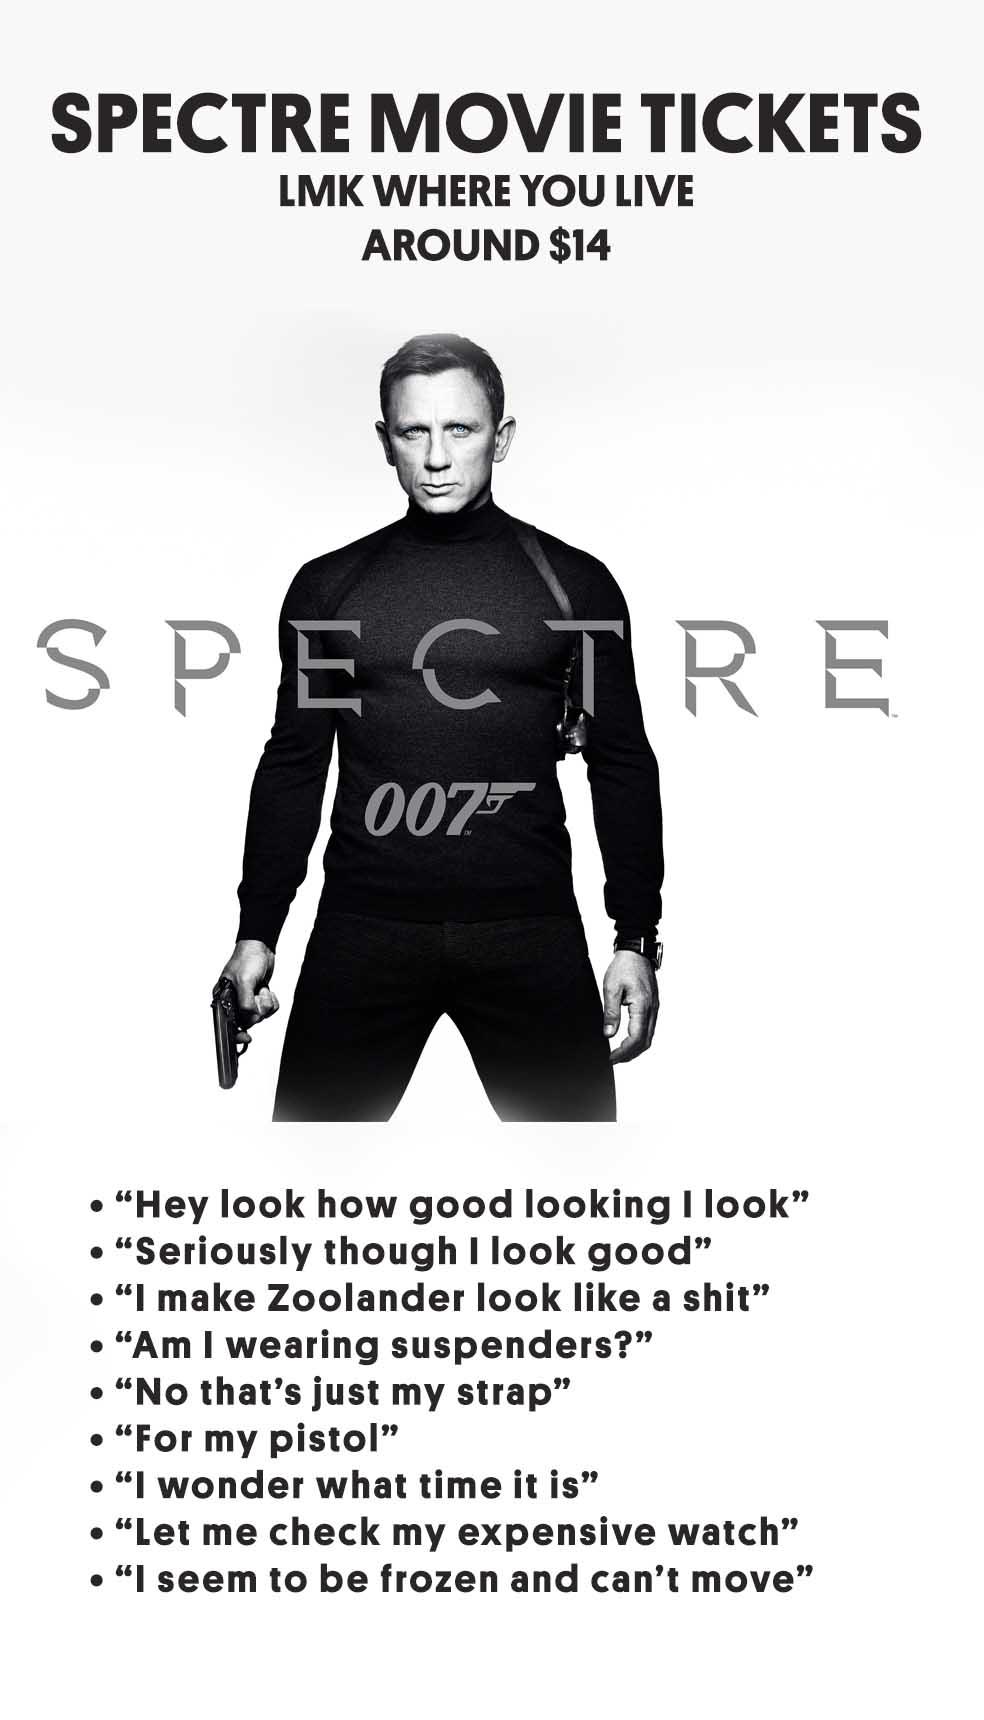 Stefan's Head - 007 Edition